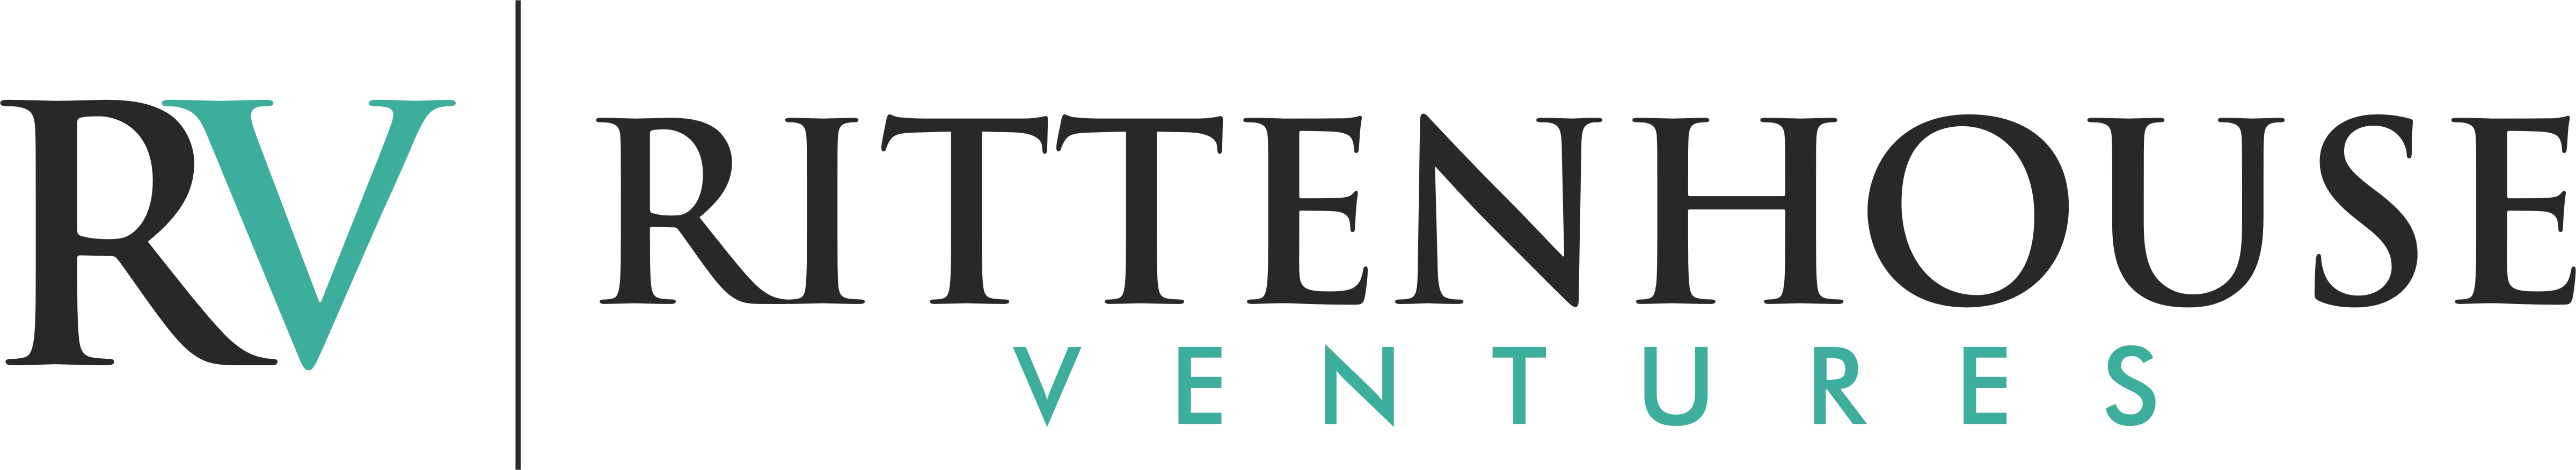 RittenhouseVentures - Transparent